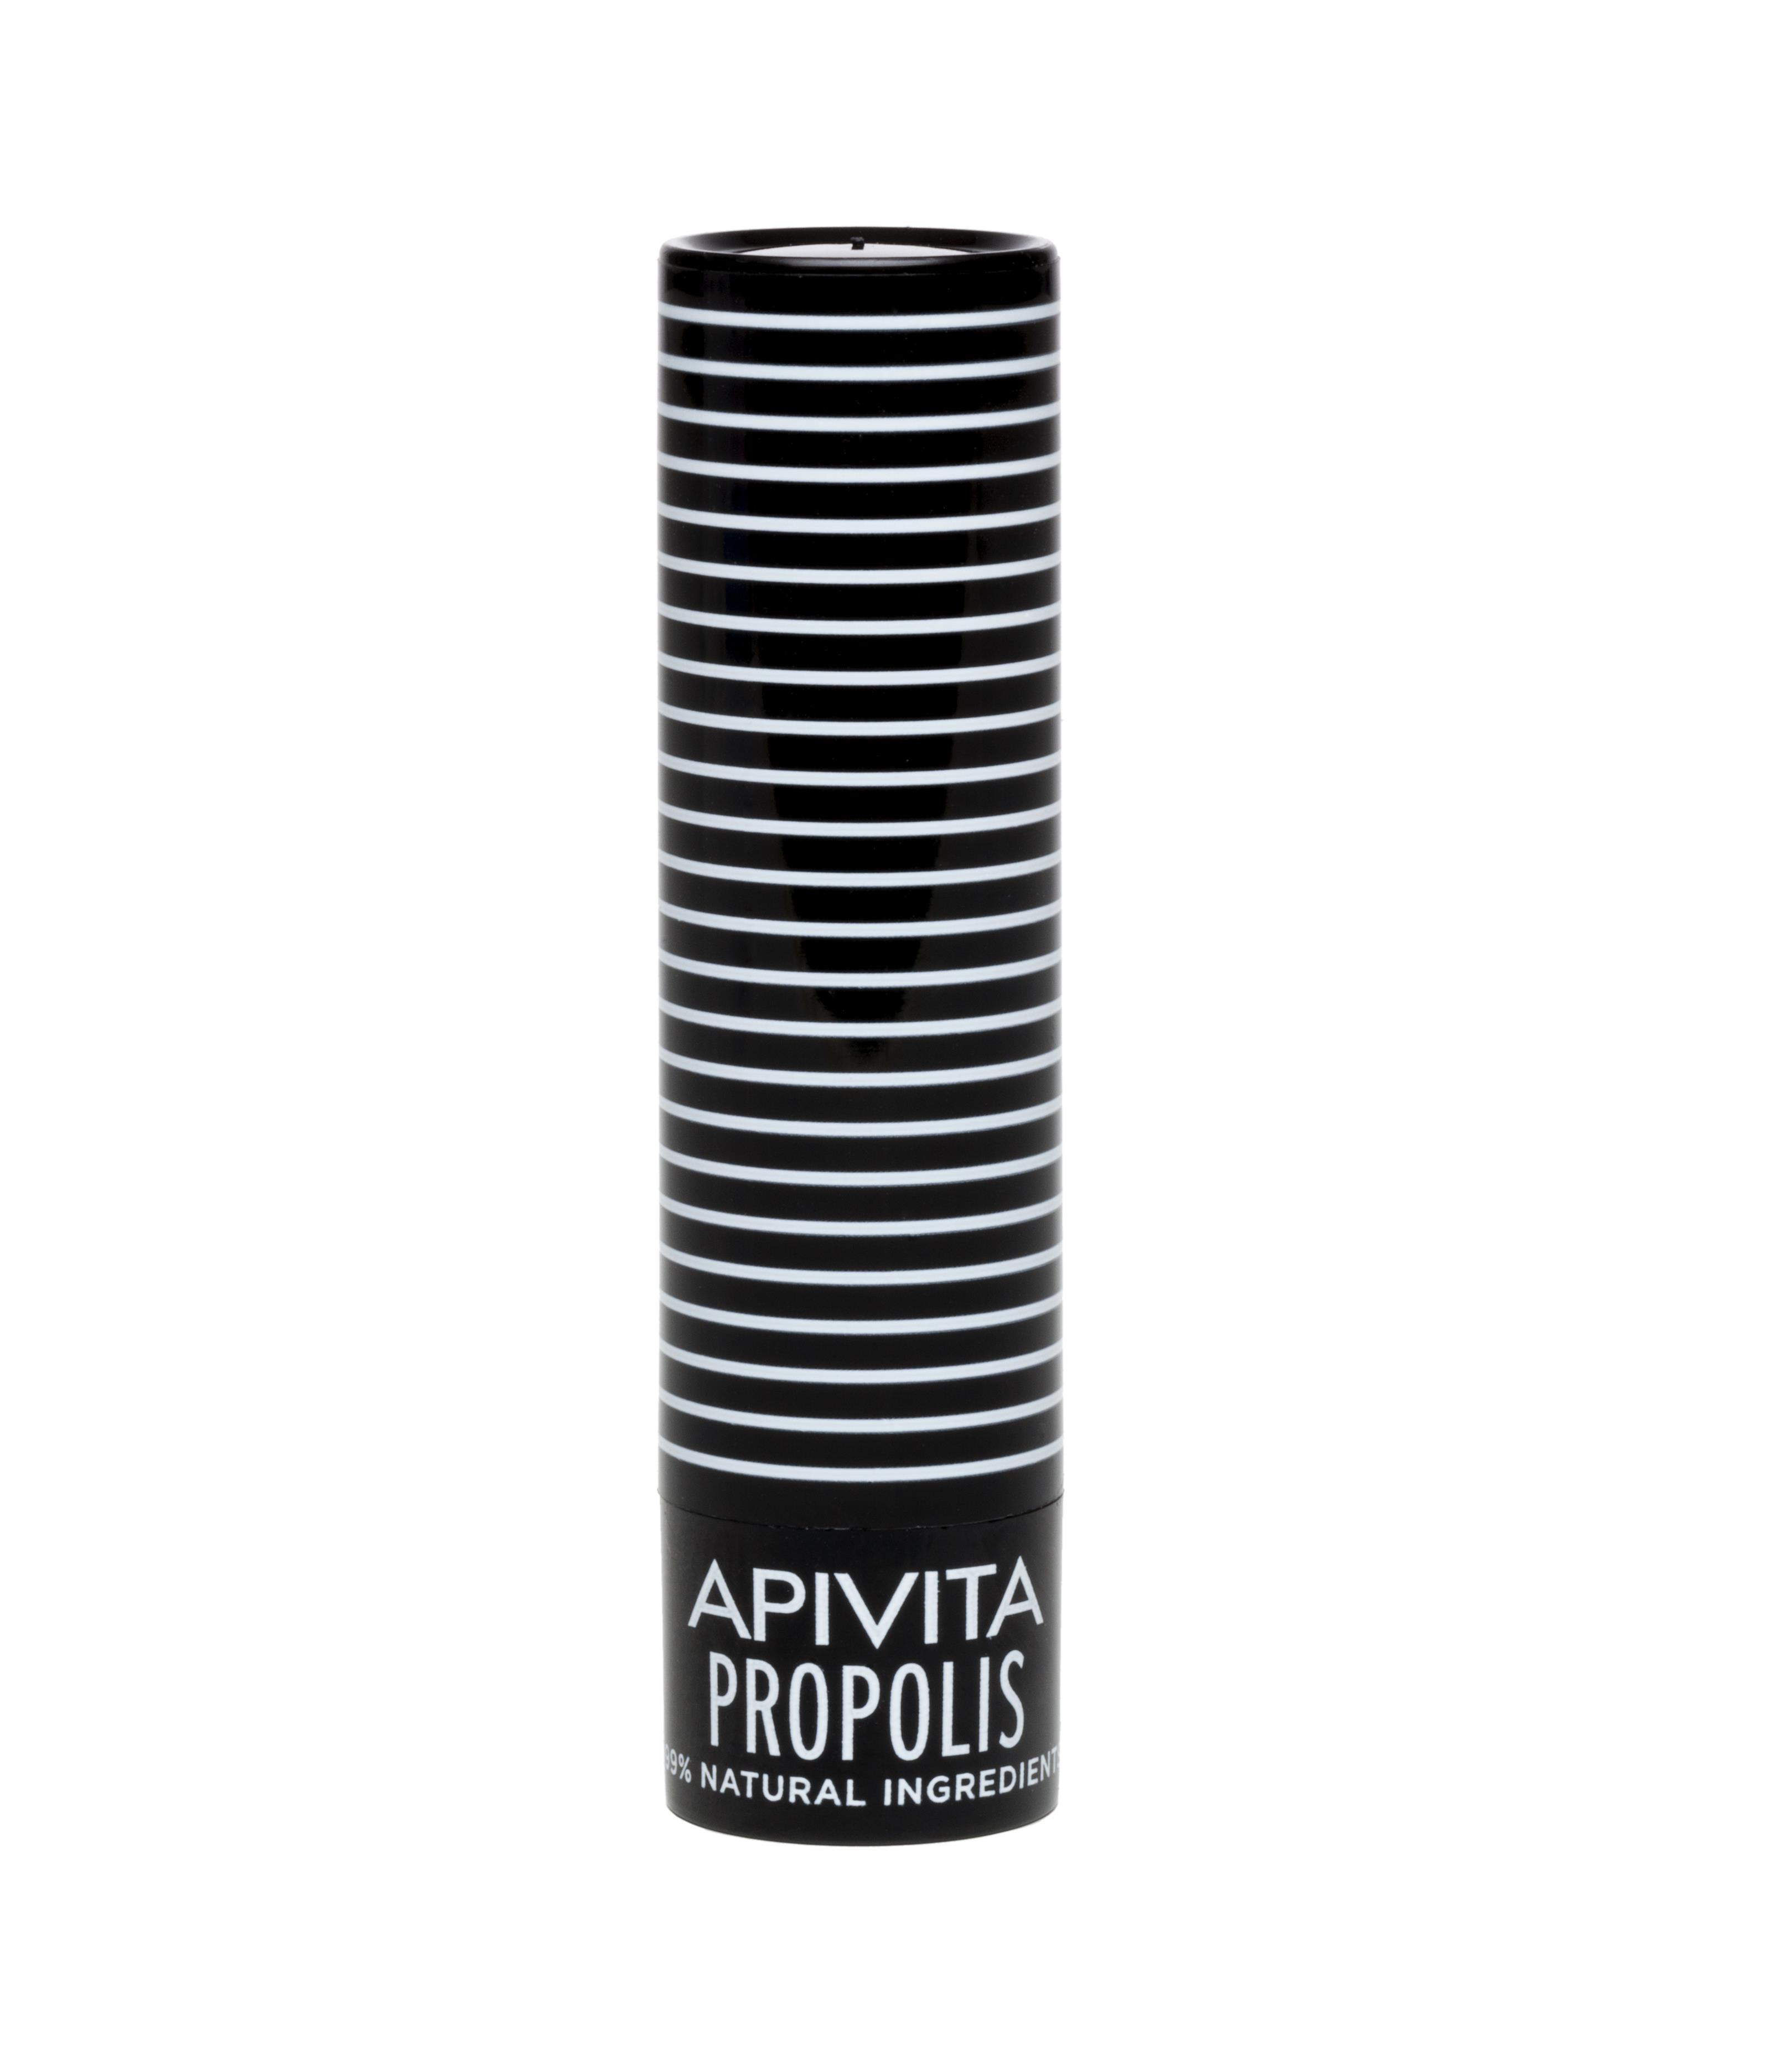 APIVITA Ajakápoló stift propolisszal 4,4g